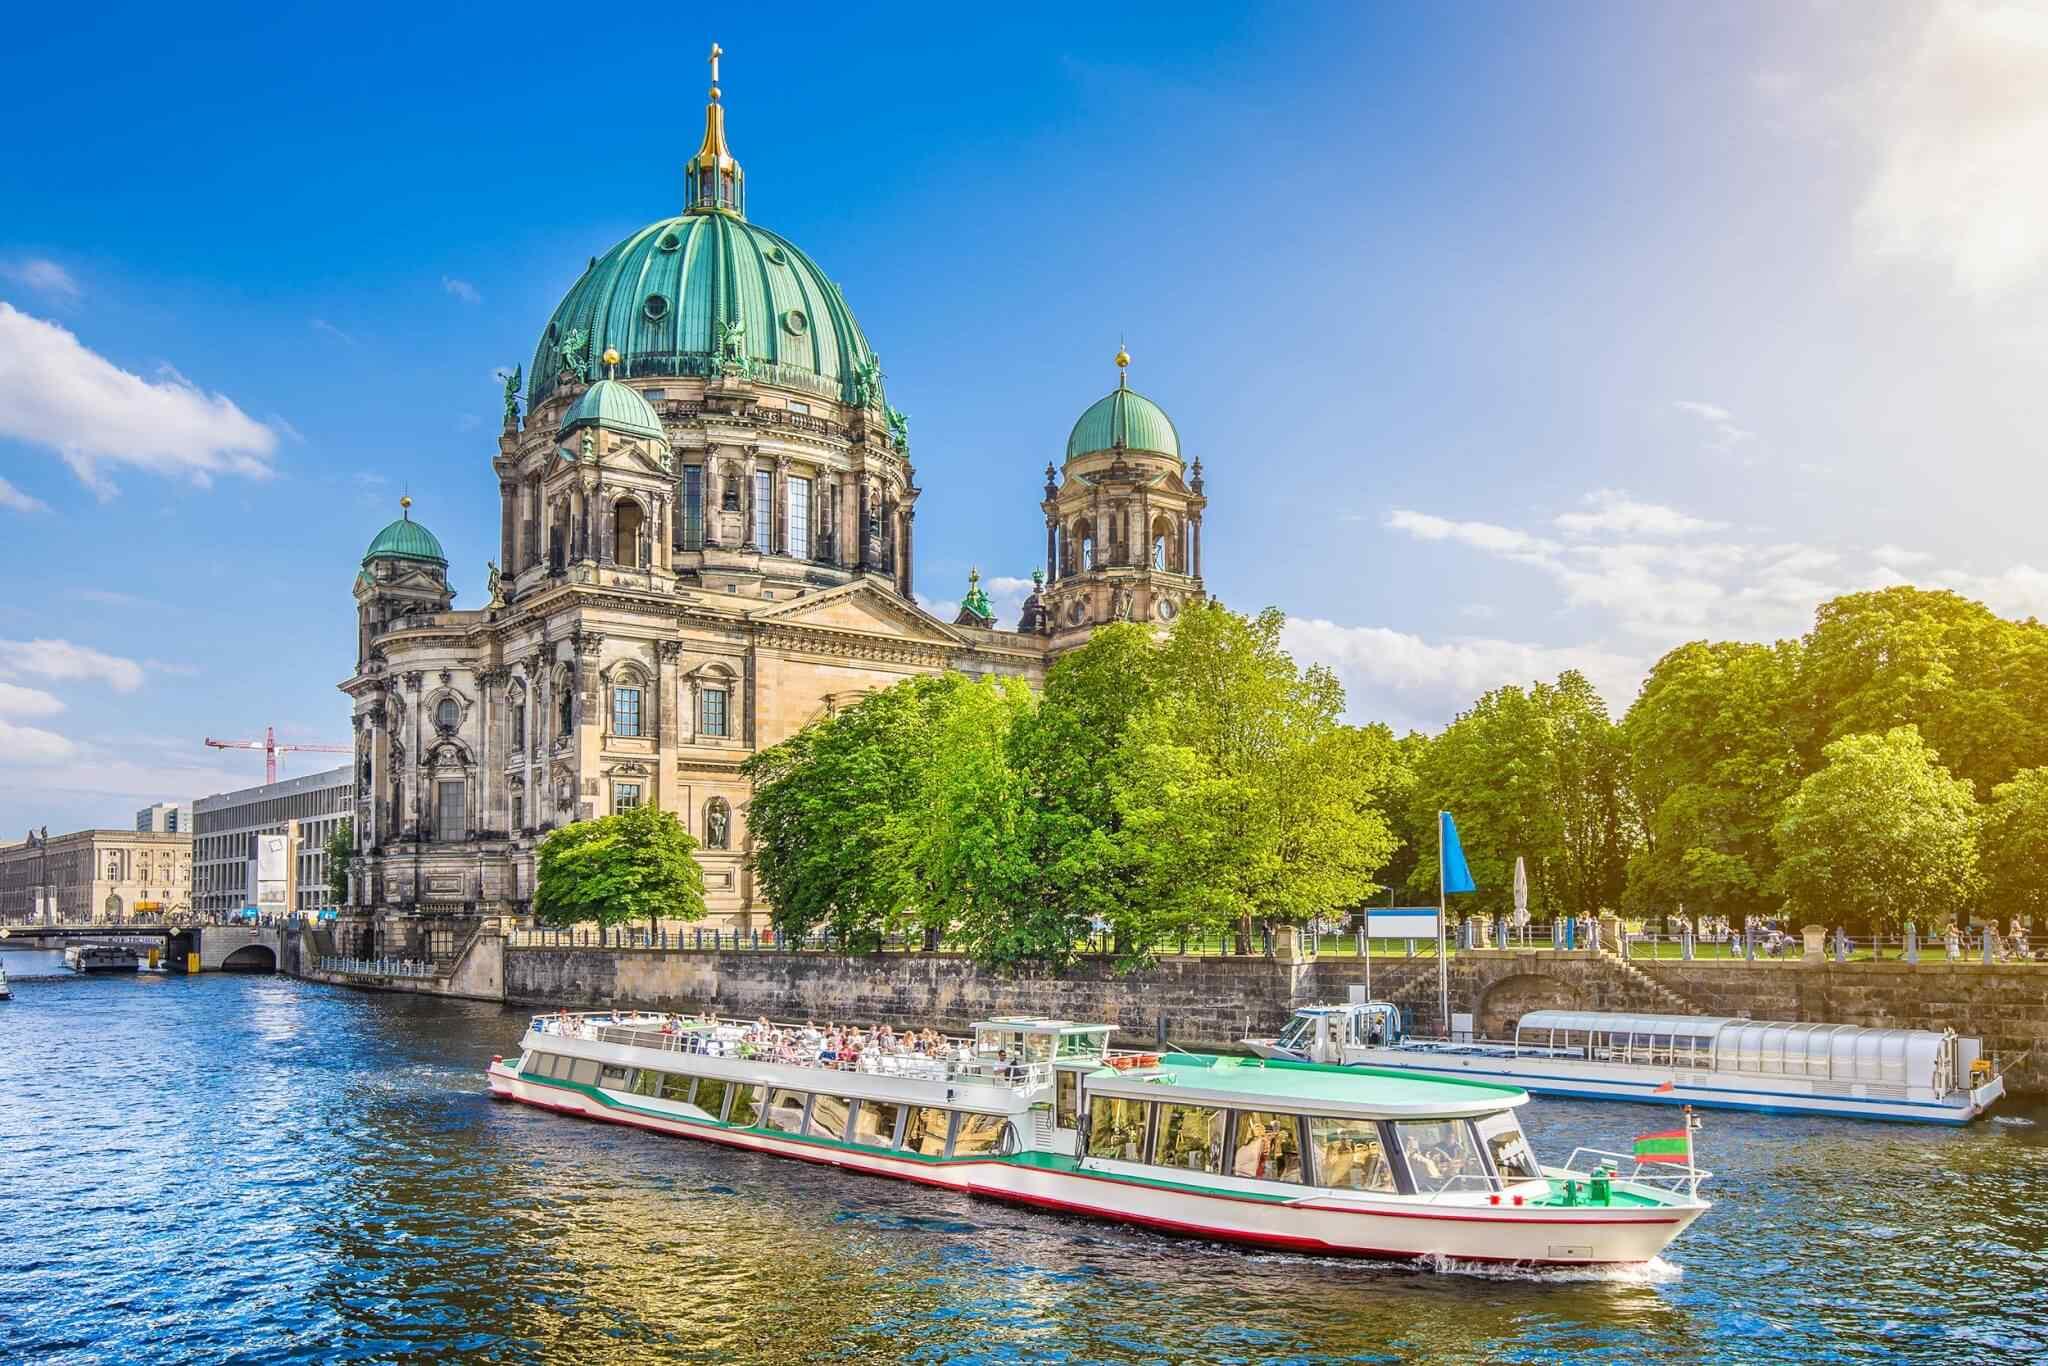 https://www.lukart.cz/wp-content/uploads/2018/09/destination-berlin-02.jpg